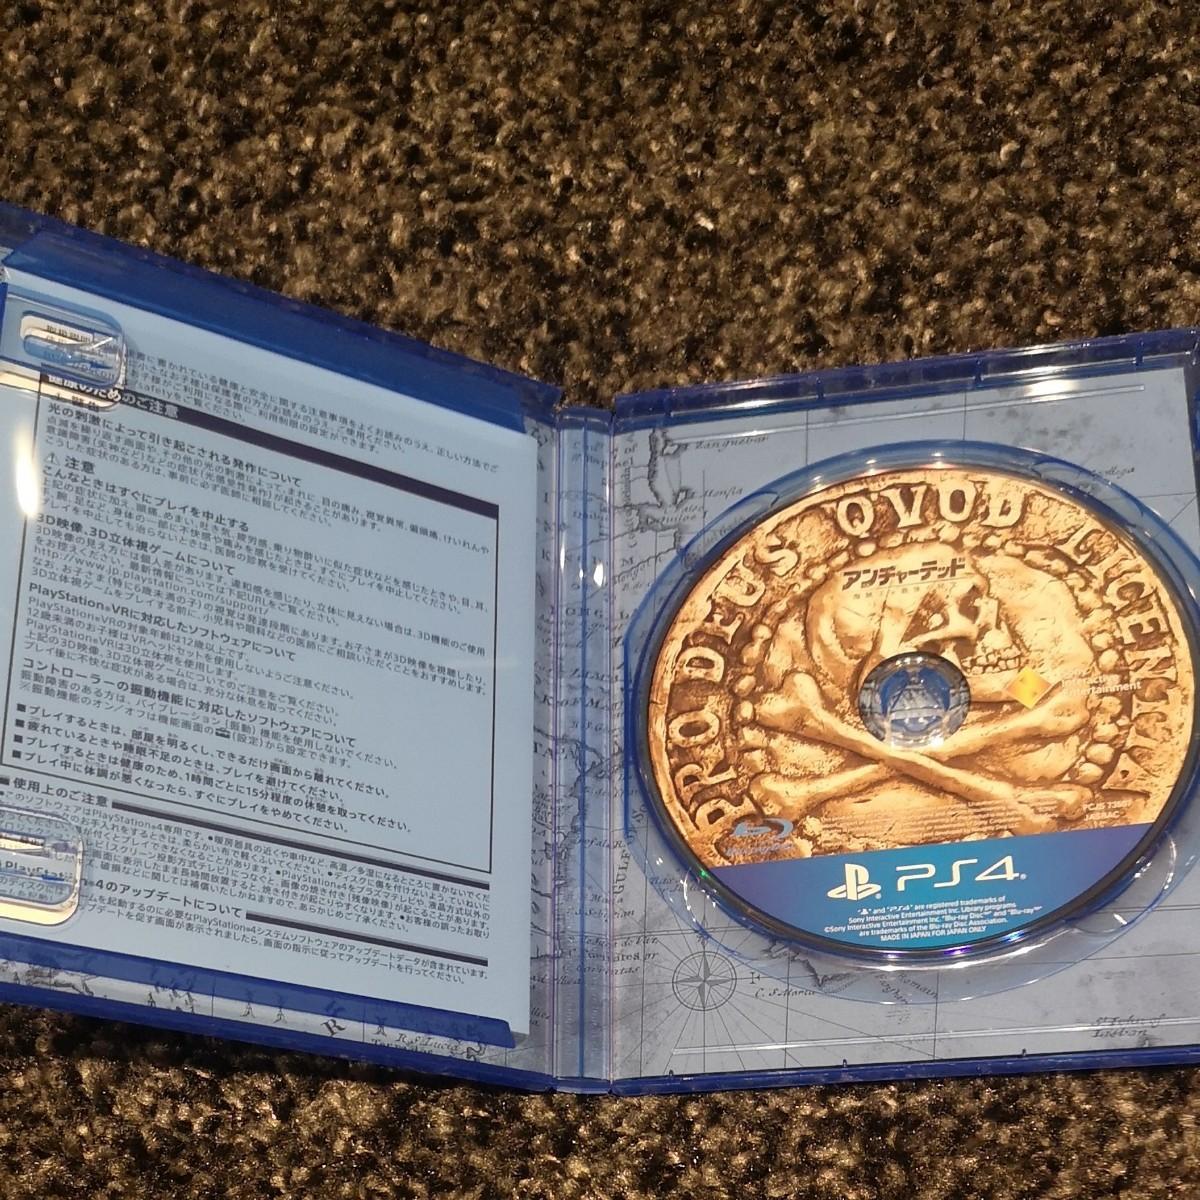 PS4 アンチャーテッド海賊王と最後の秘宝